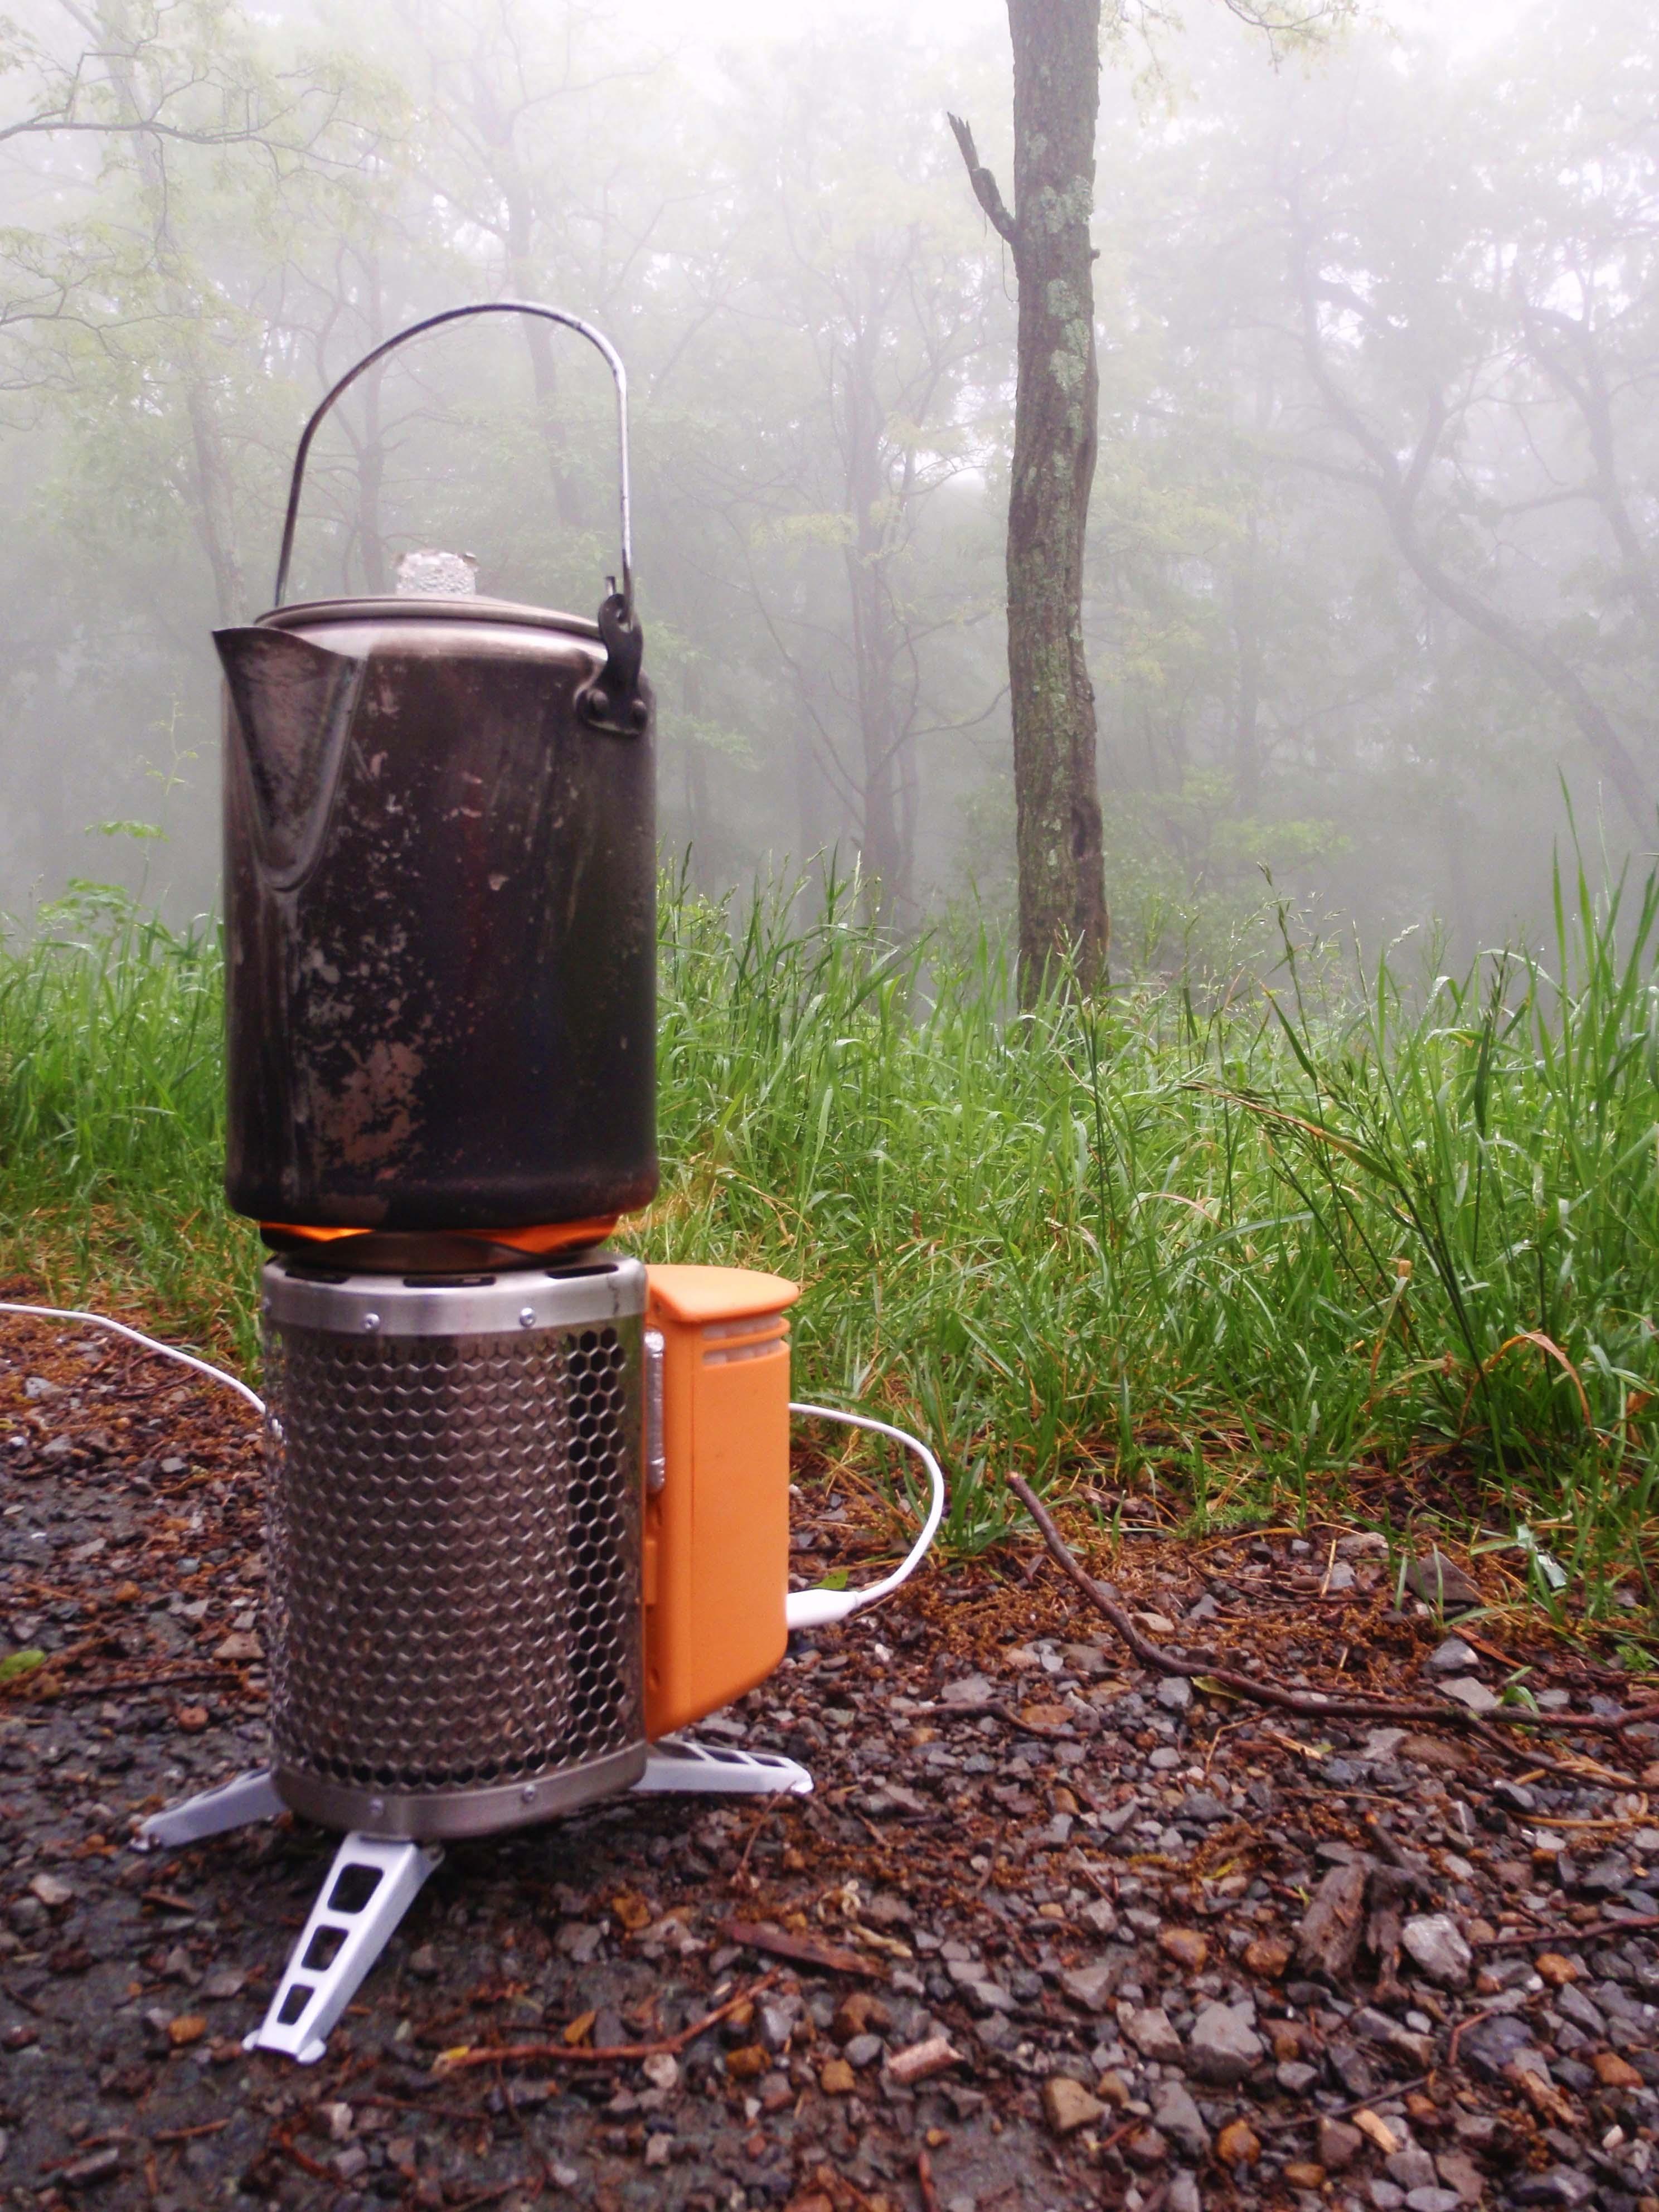 BioLite CampStove Boiling Tea at Shenadoah